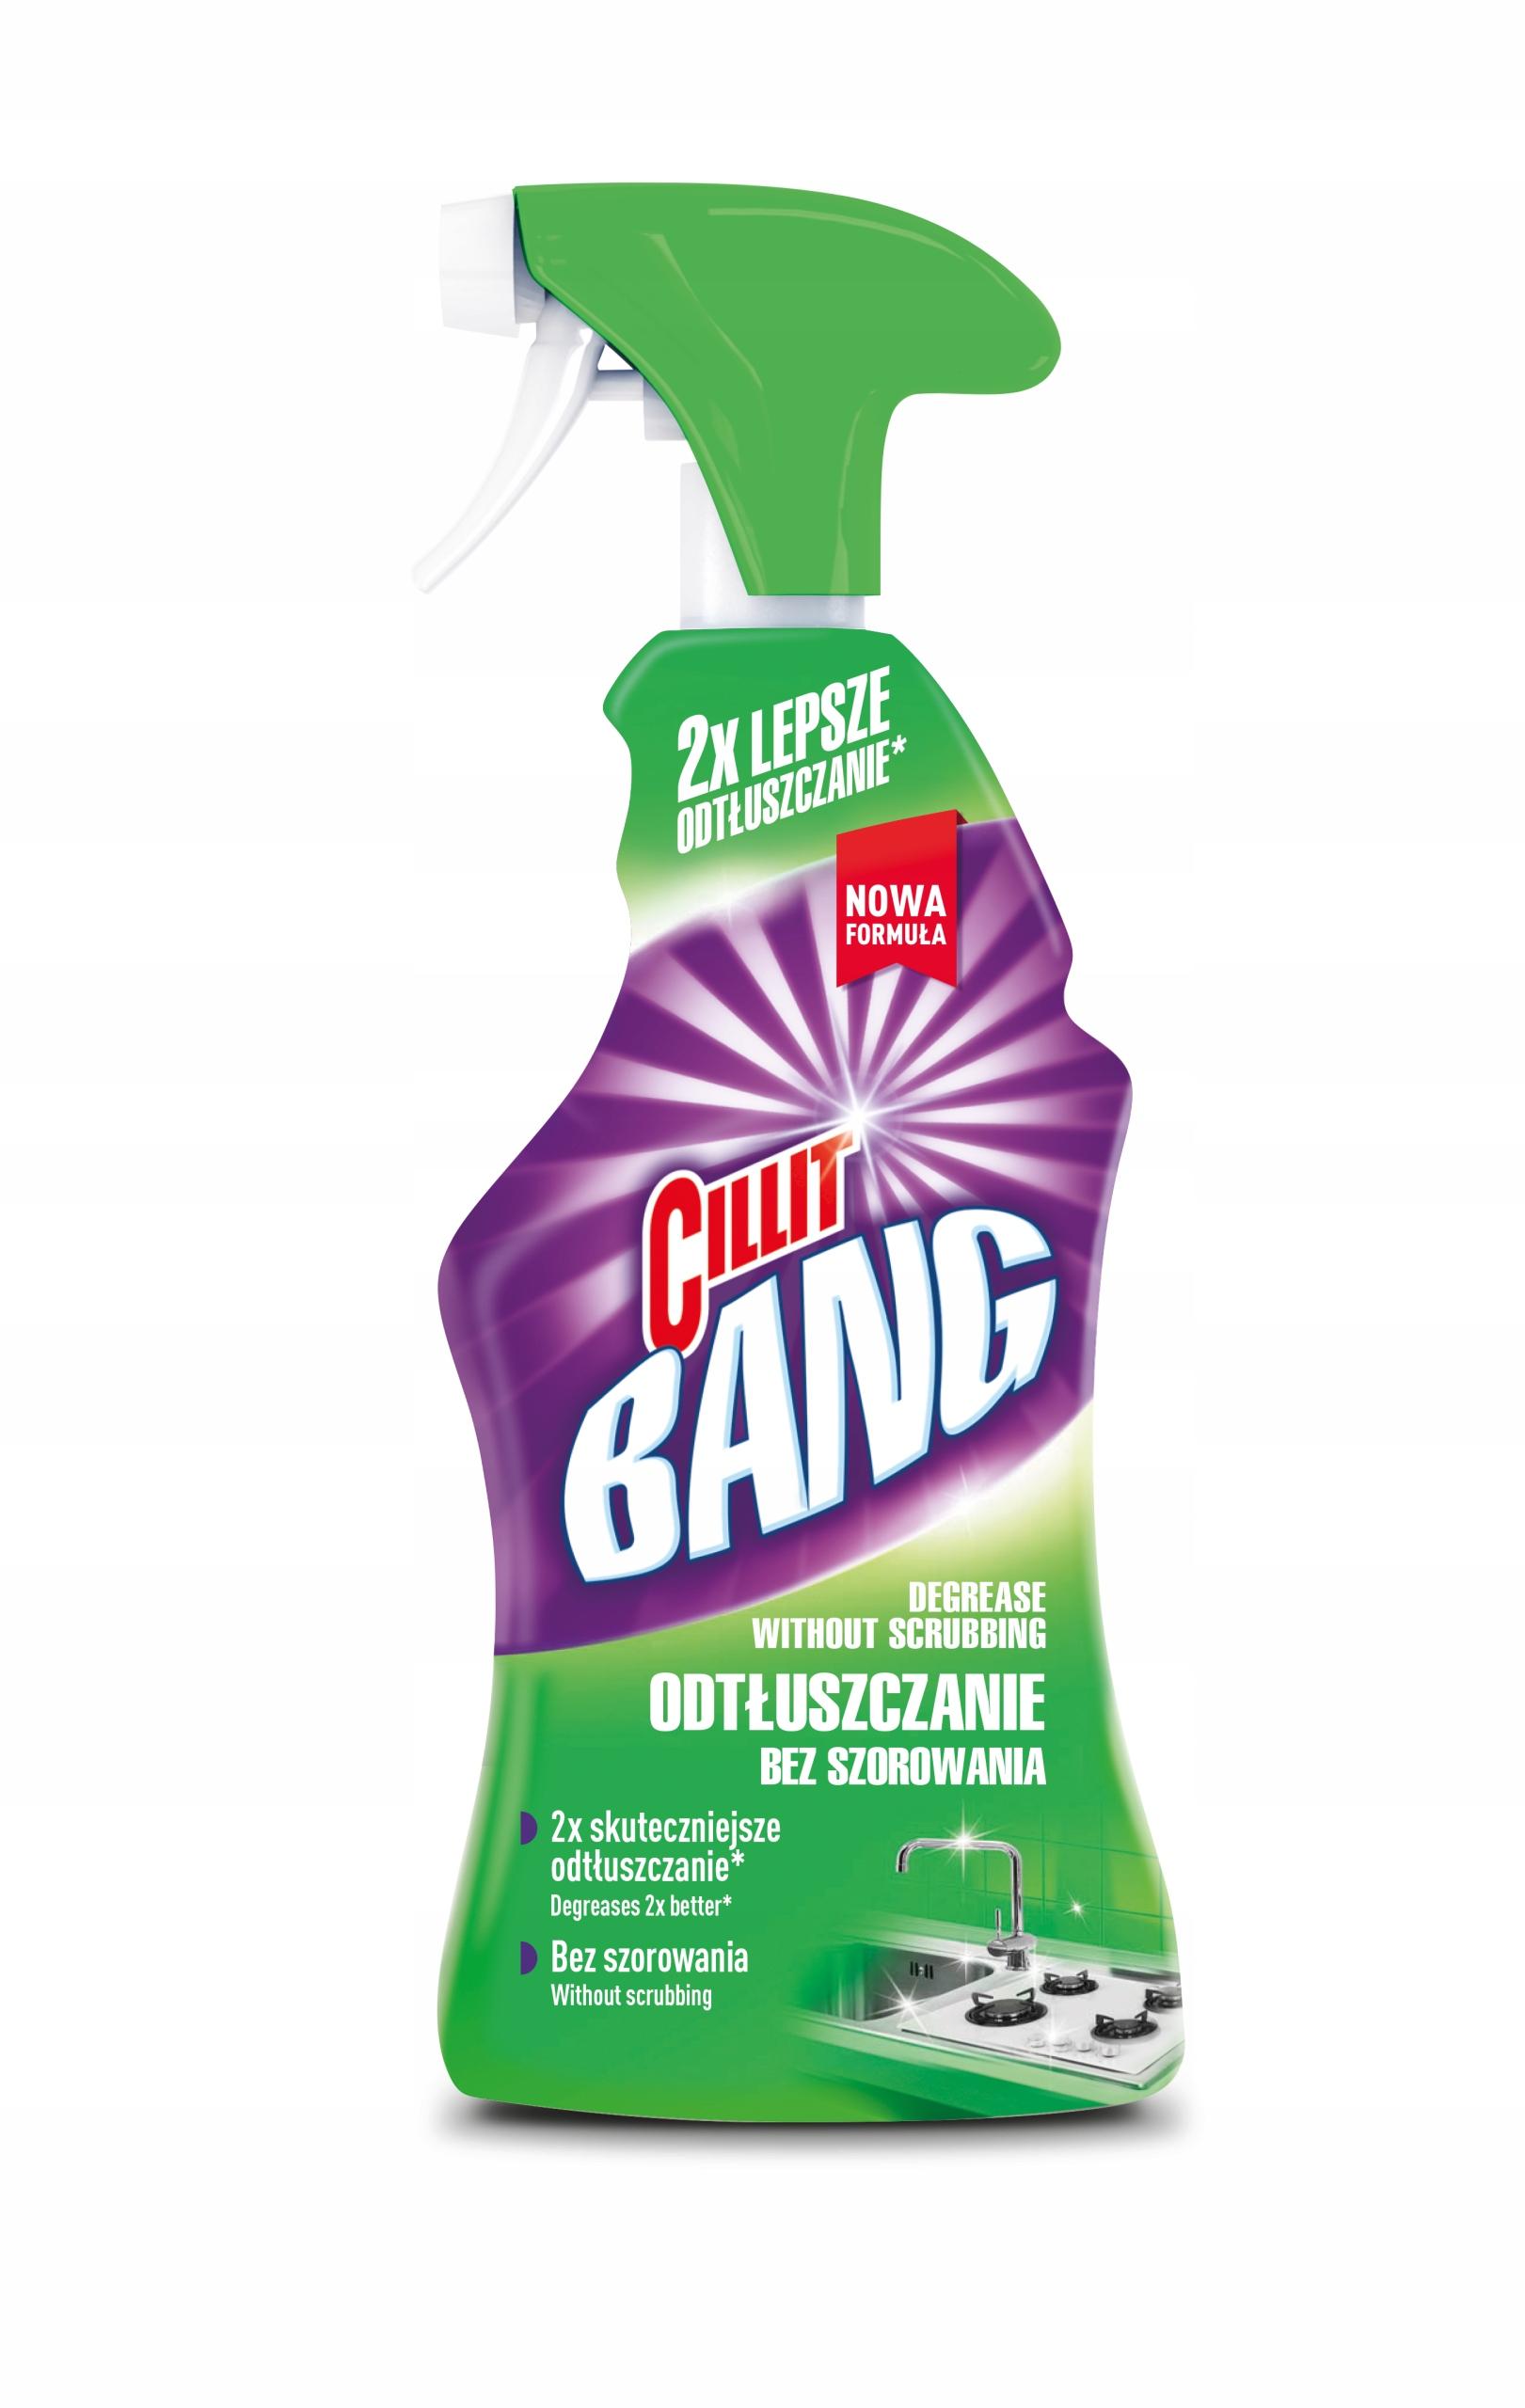 Cillit Bang чистящие средства набор XL 6 шт торговое название Cillit Bang